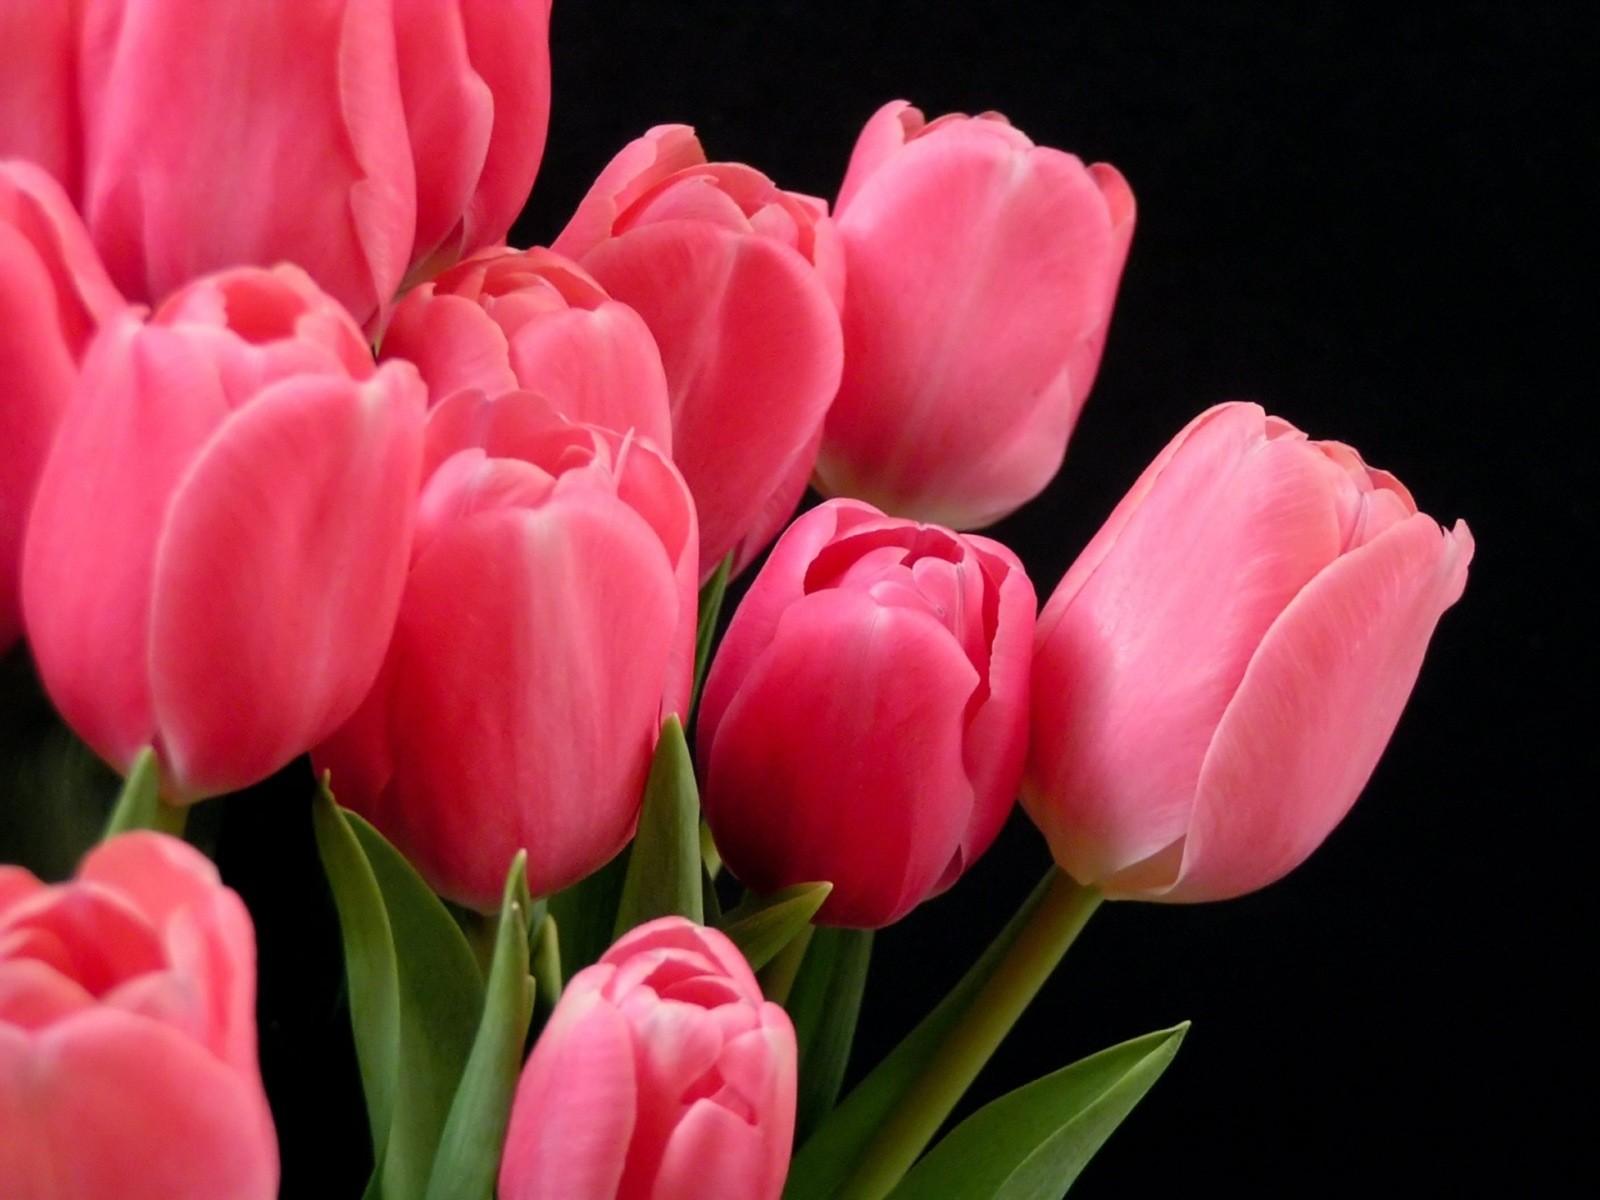 tulip picture hd